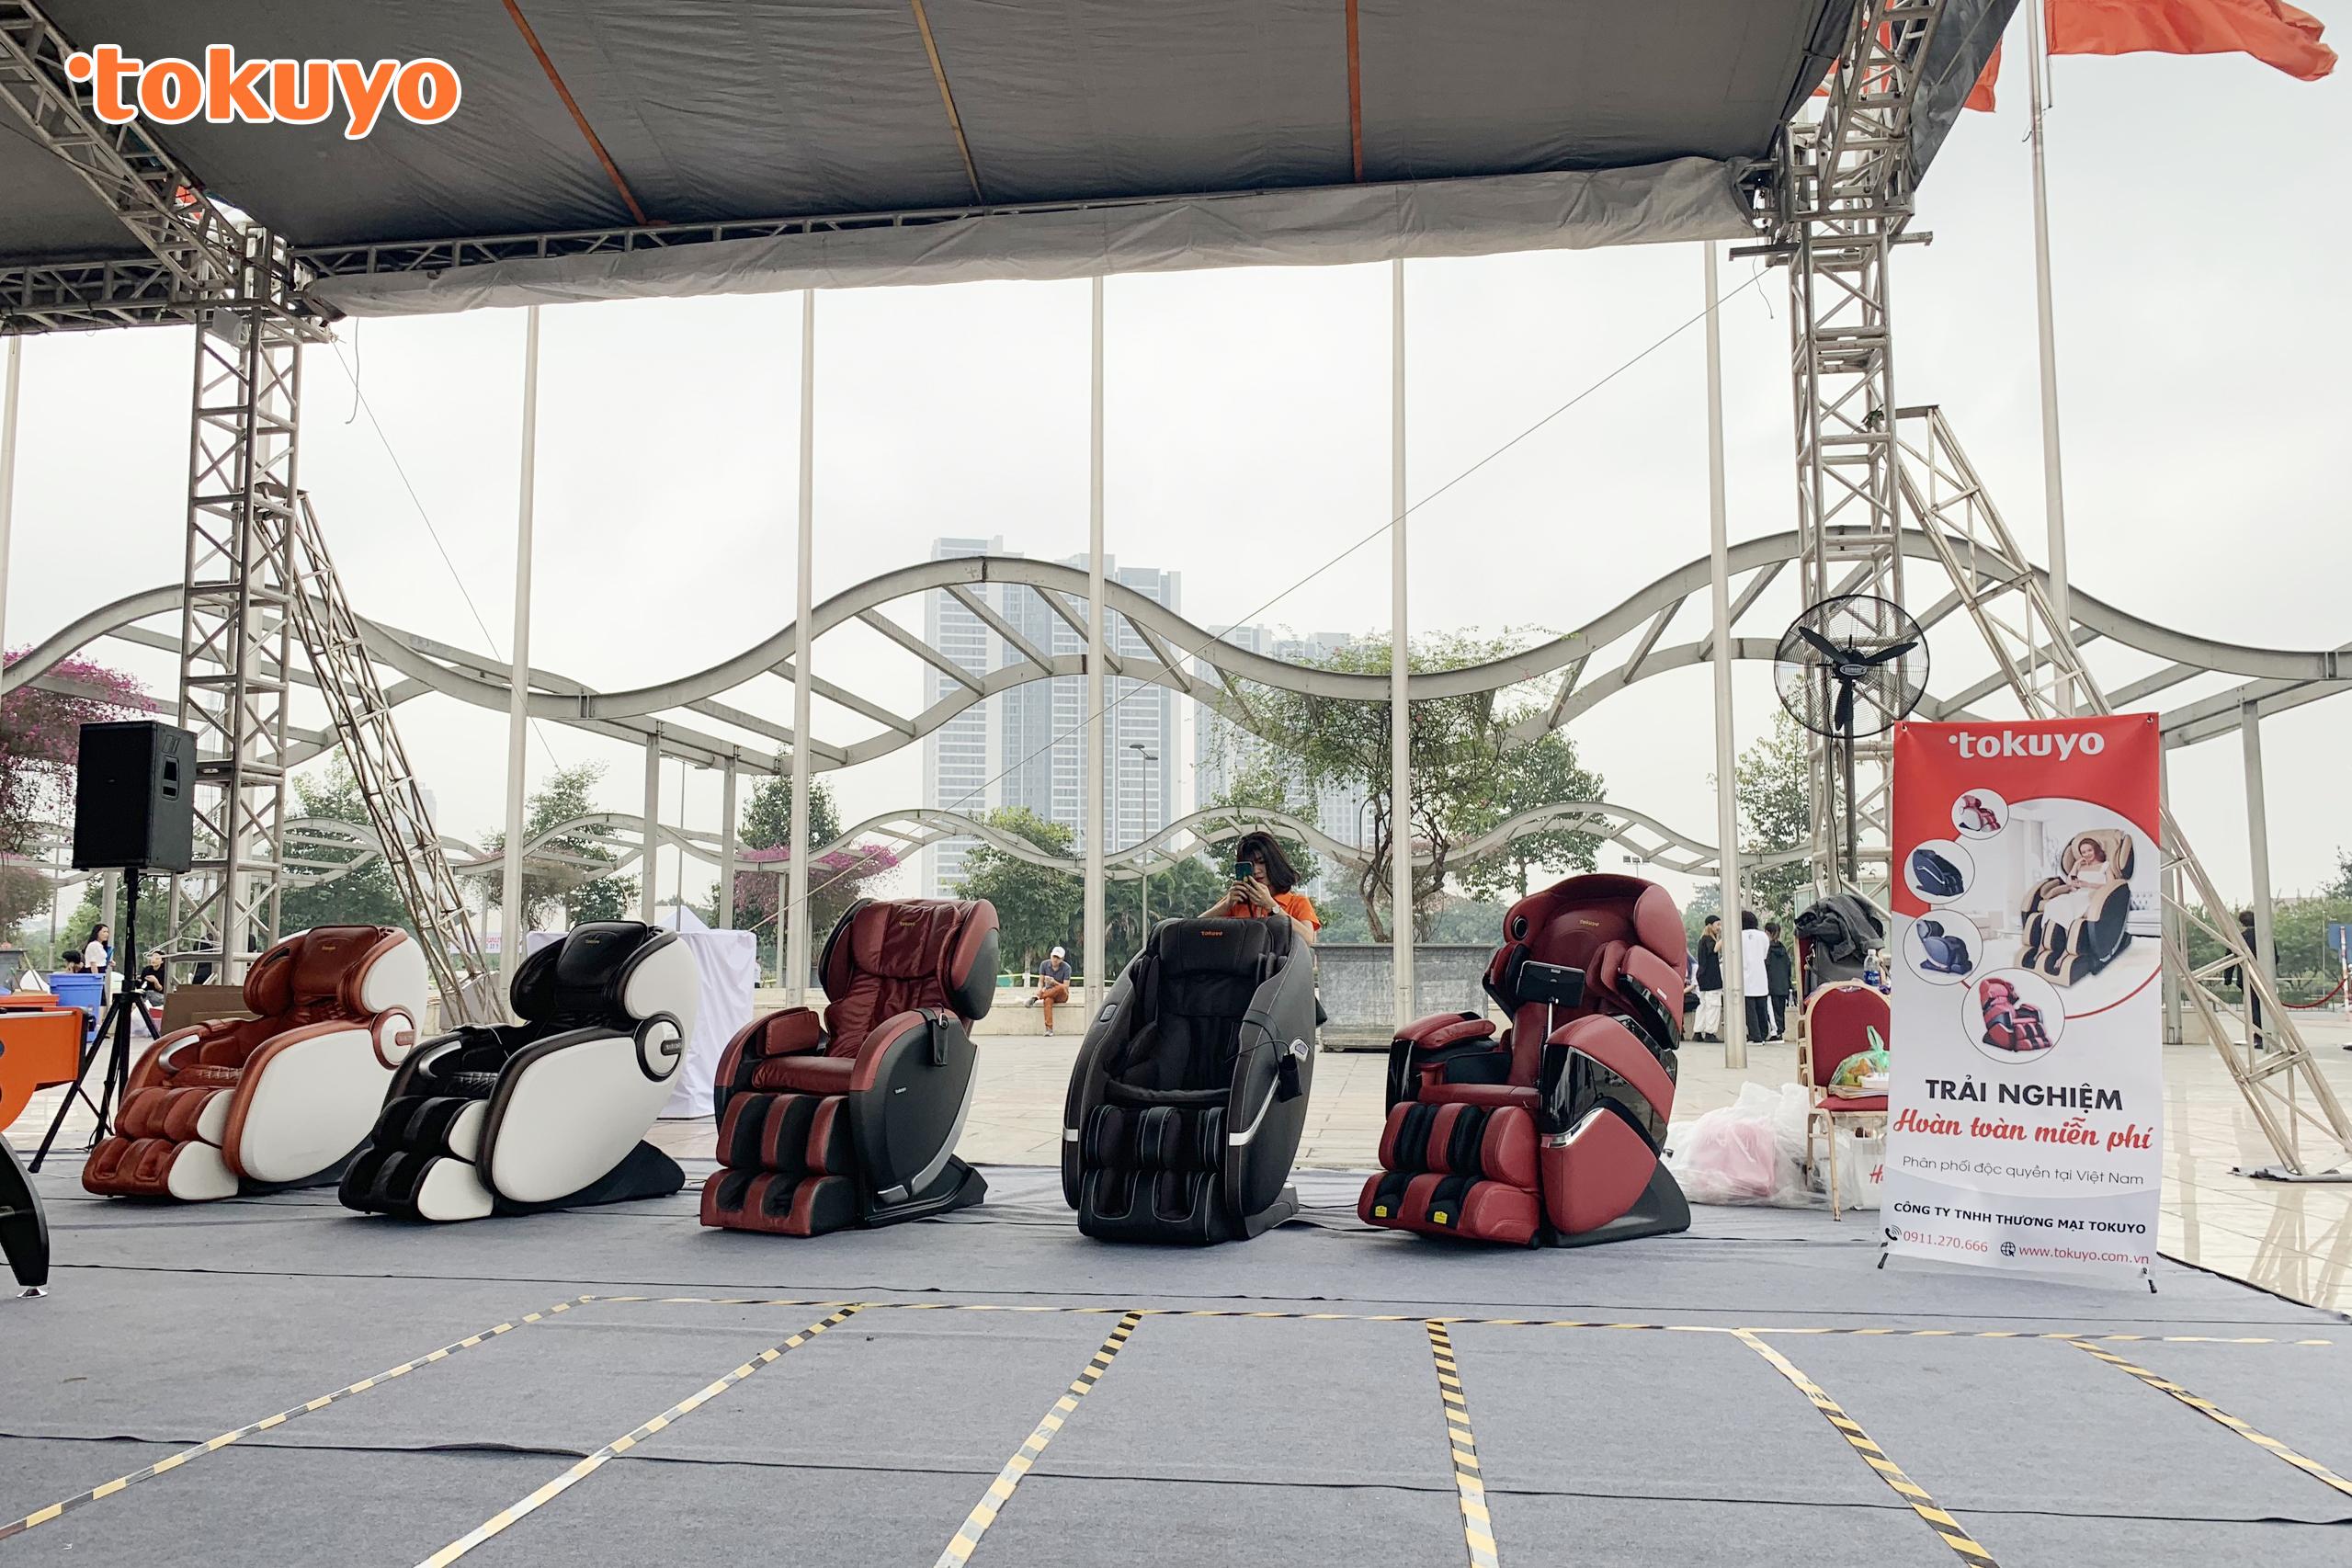 TOKUYO TƯNG BỪNG CÙNG FESTIVAL TOYOTA 2019